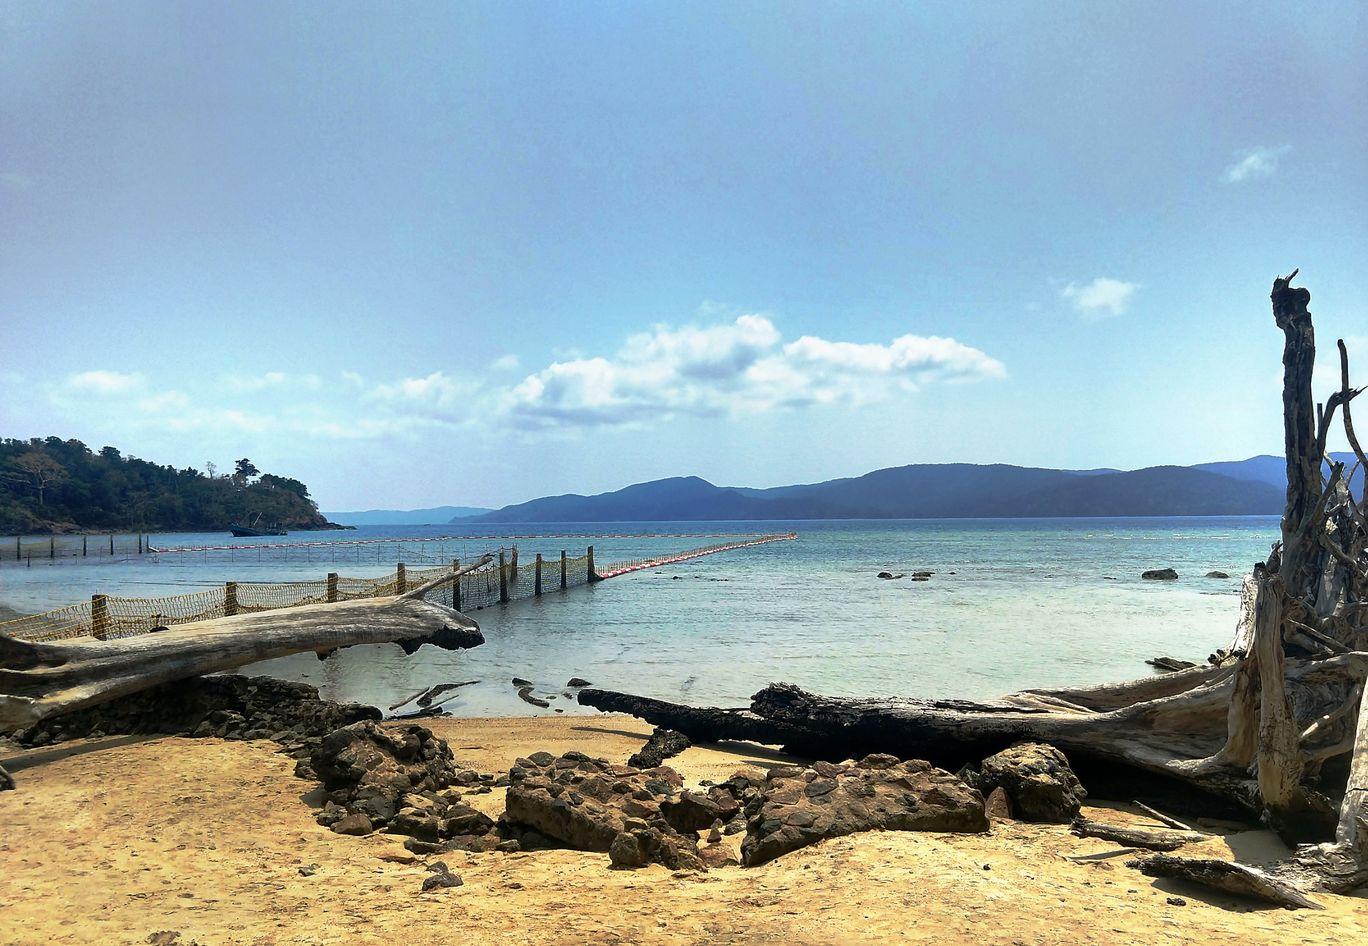 Photo of Havelock Island By Poorva Mahajan